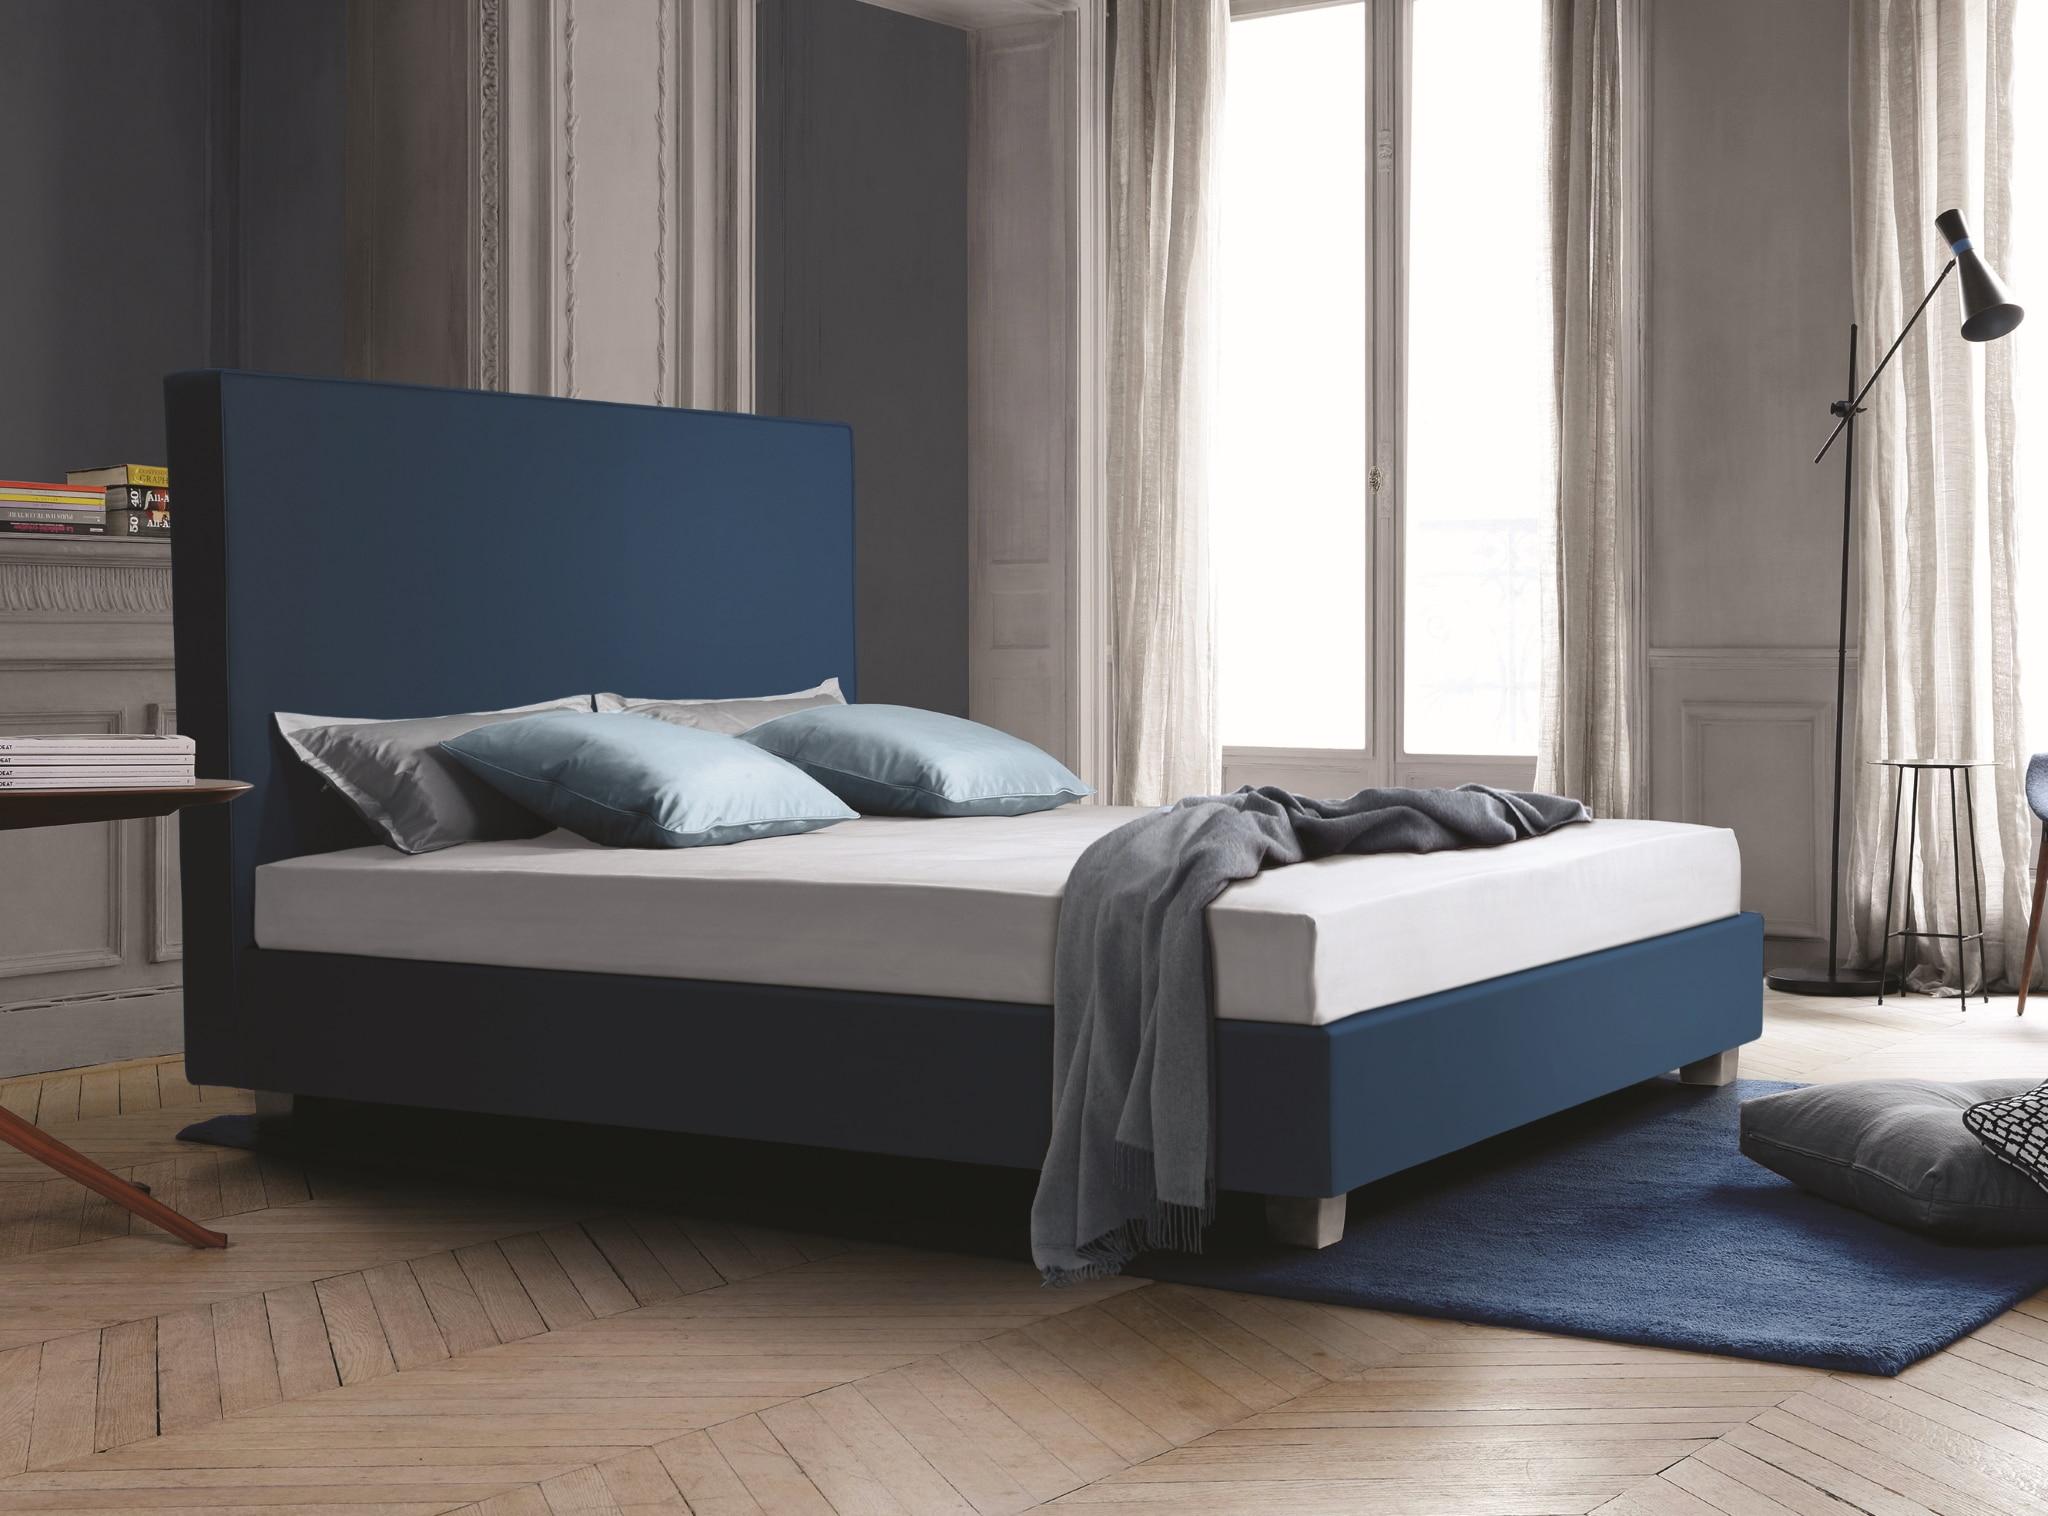 Treca Moderne Bett 1